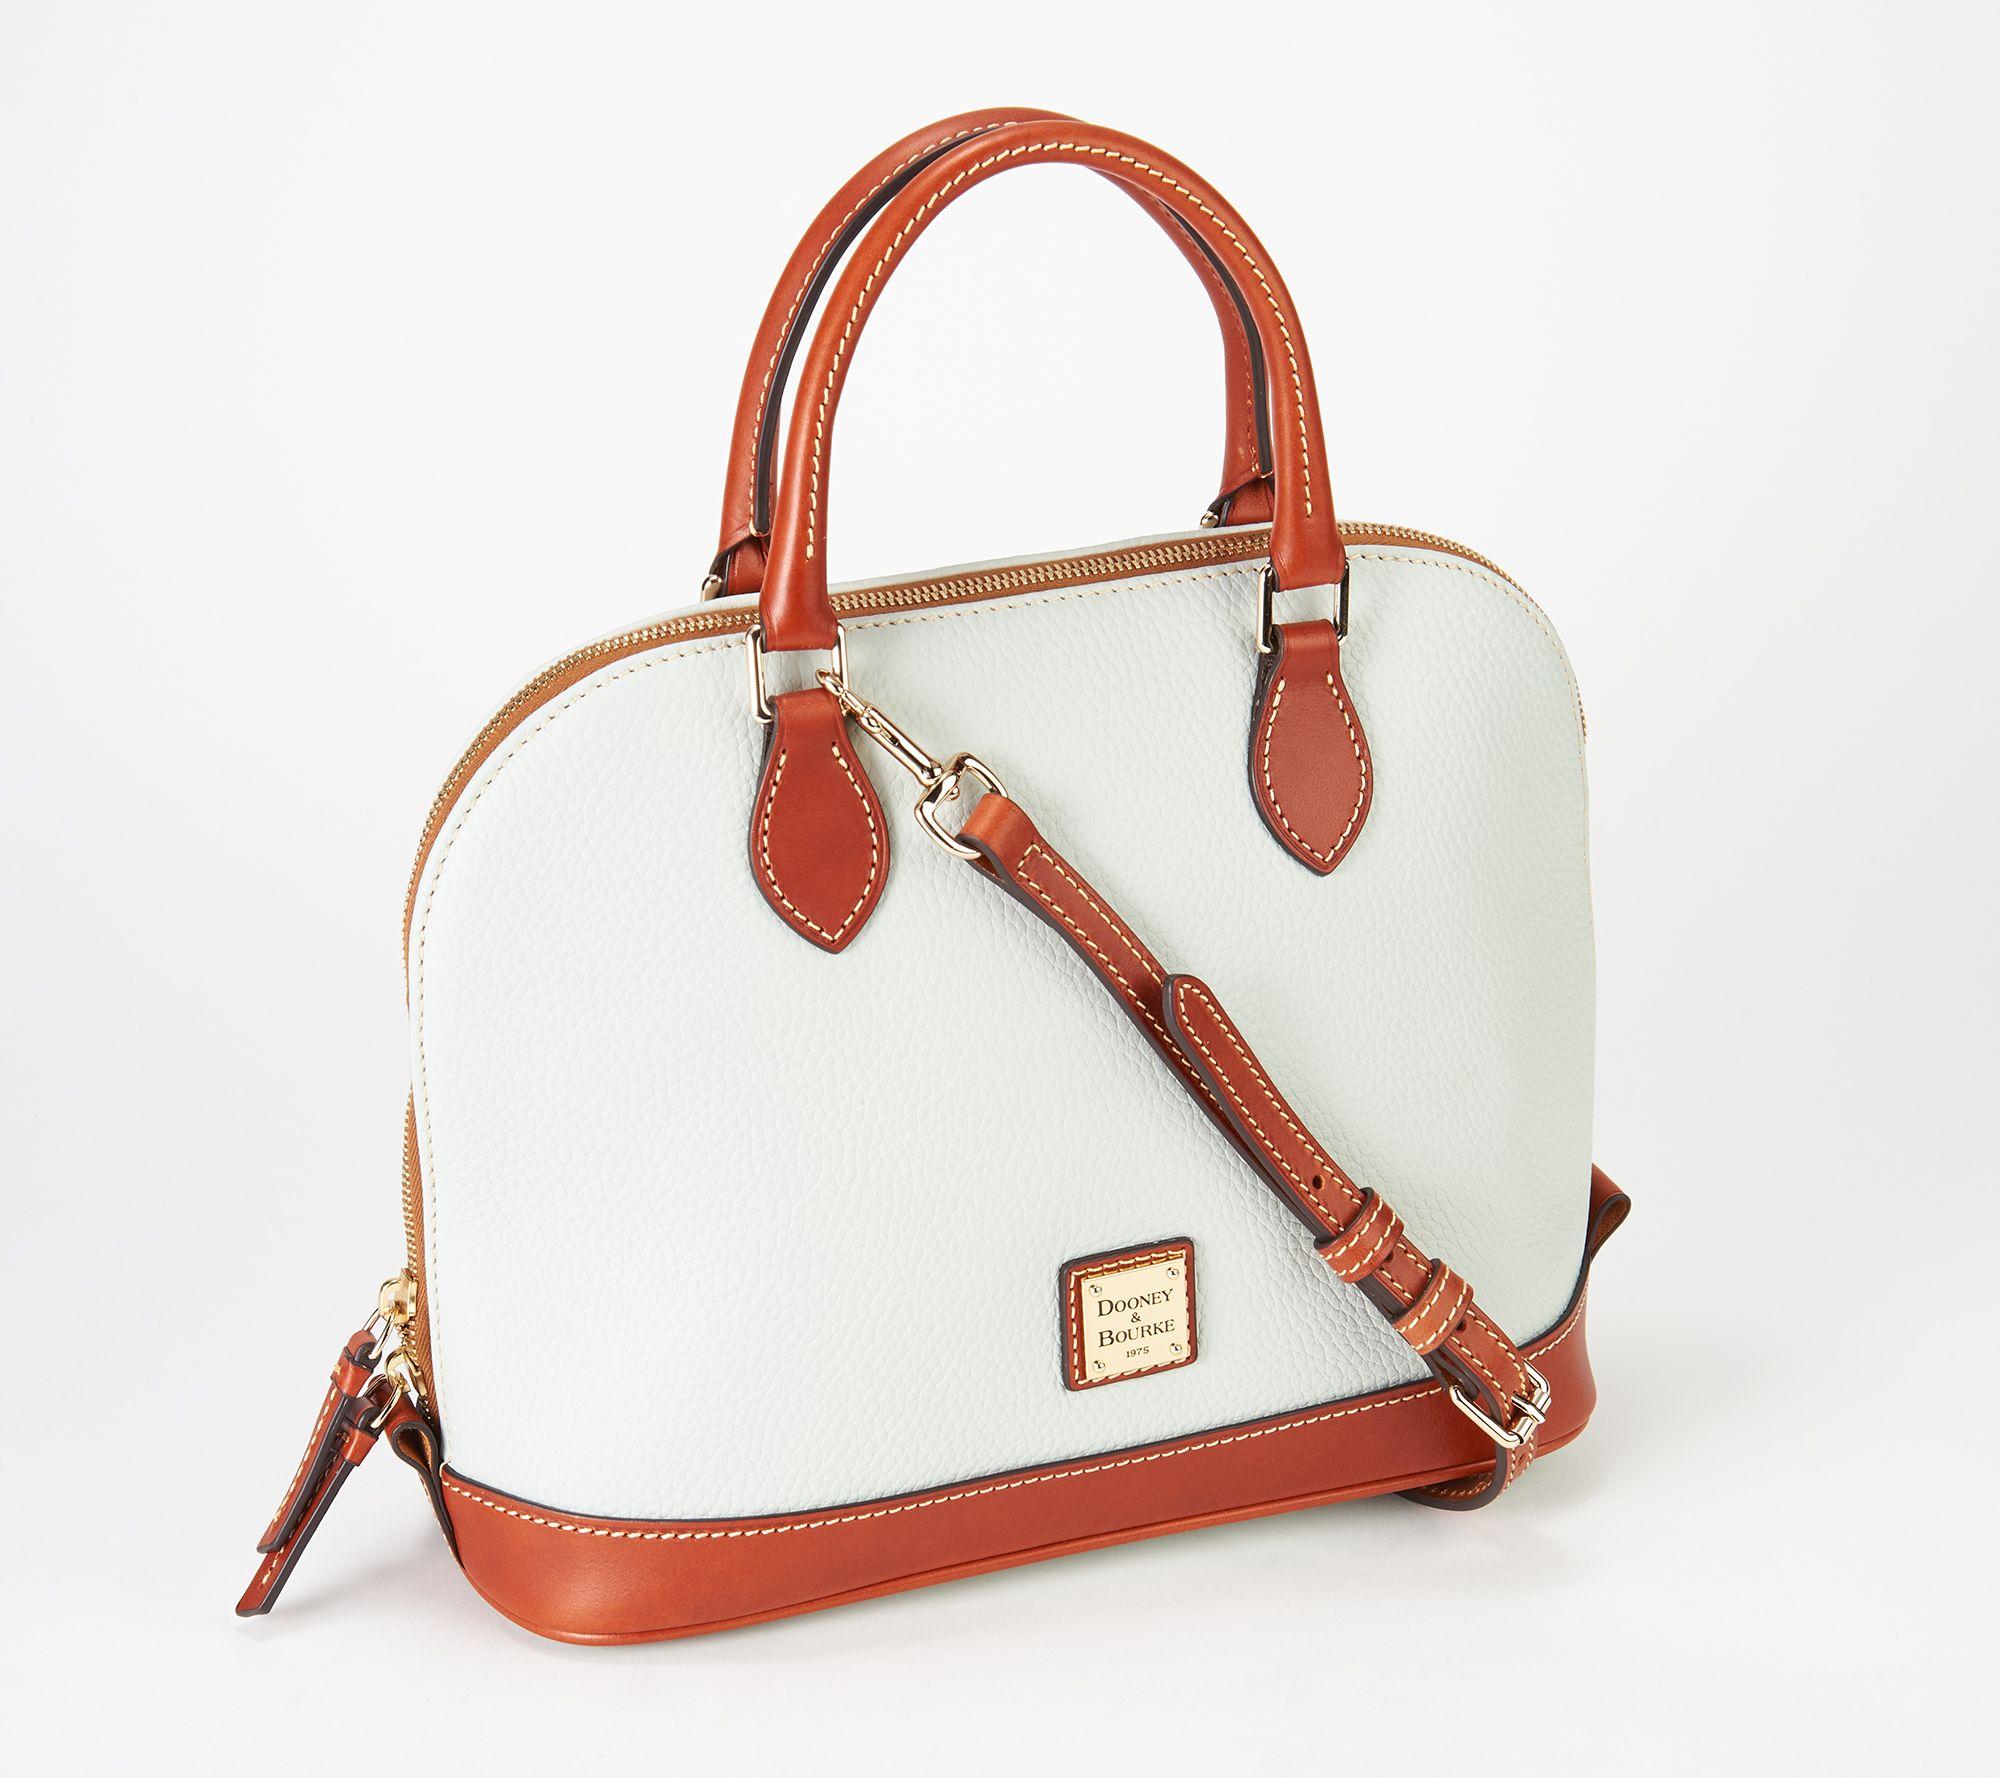 7938156bf35 Dooney   Bourke Pebble Leather Zip Zip Satchel - Page 1 — QVC.com